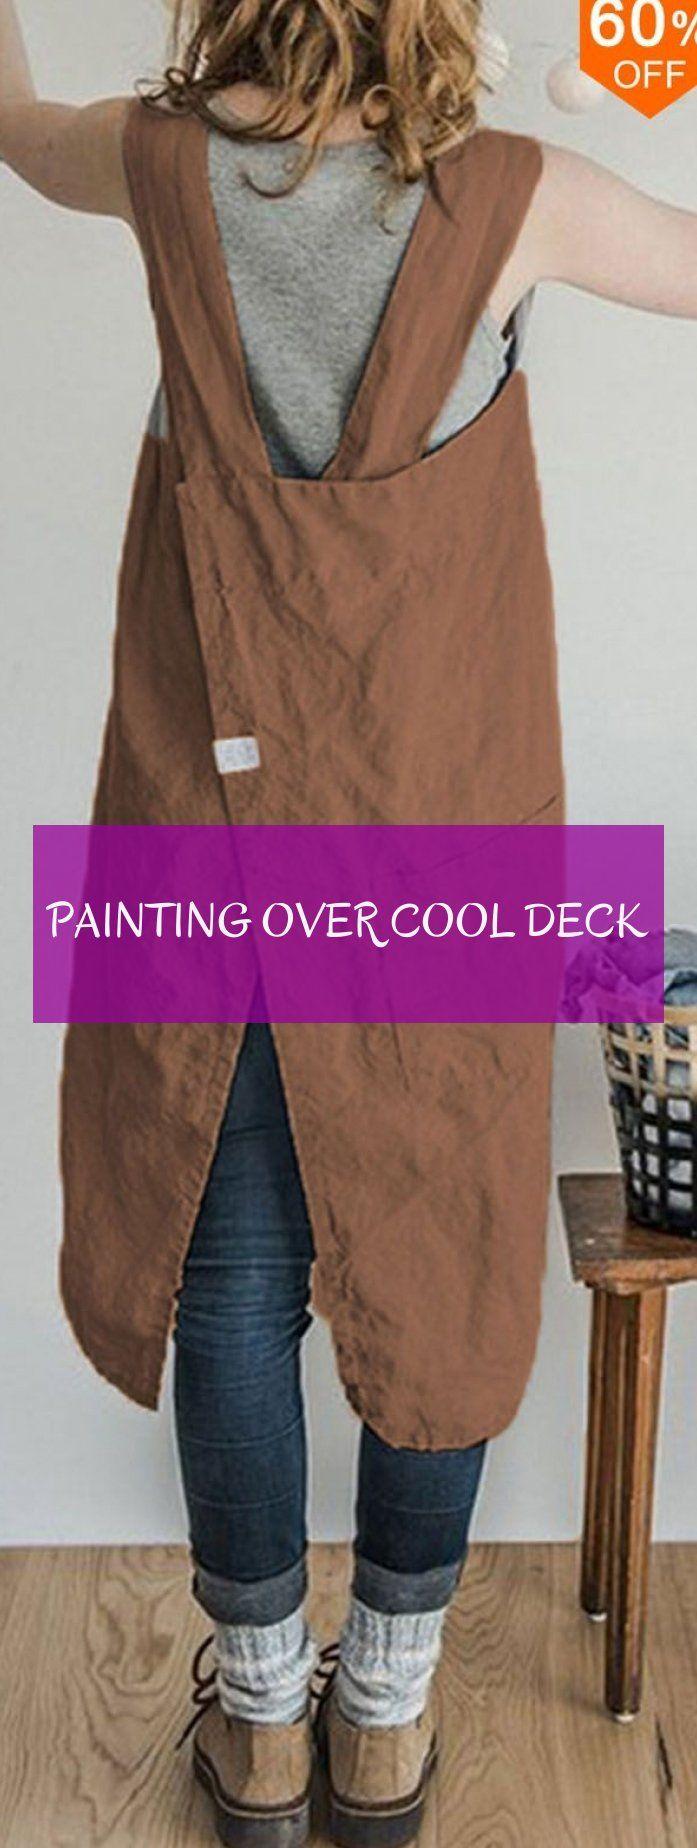 Painting Over Cool Deck Über Kühles Deck Malen